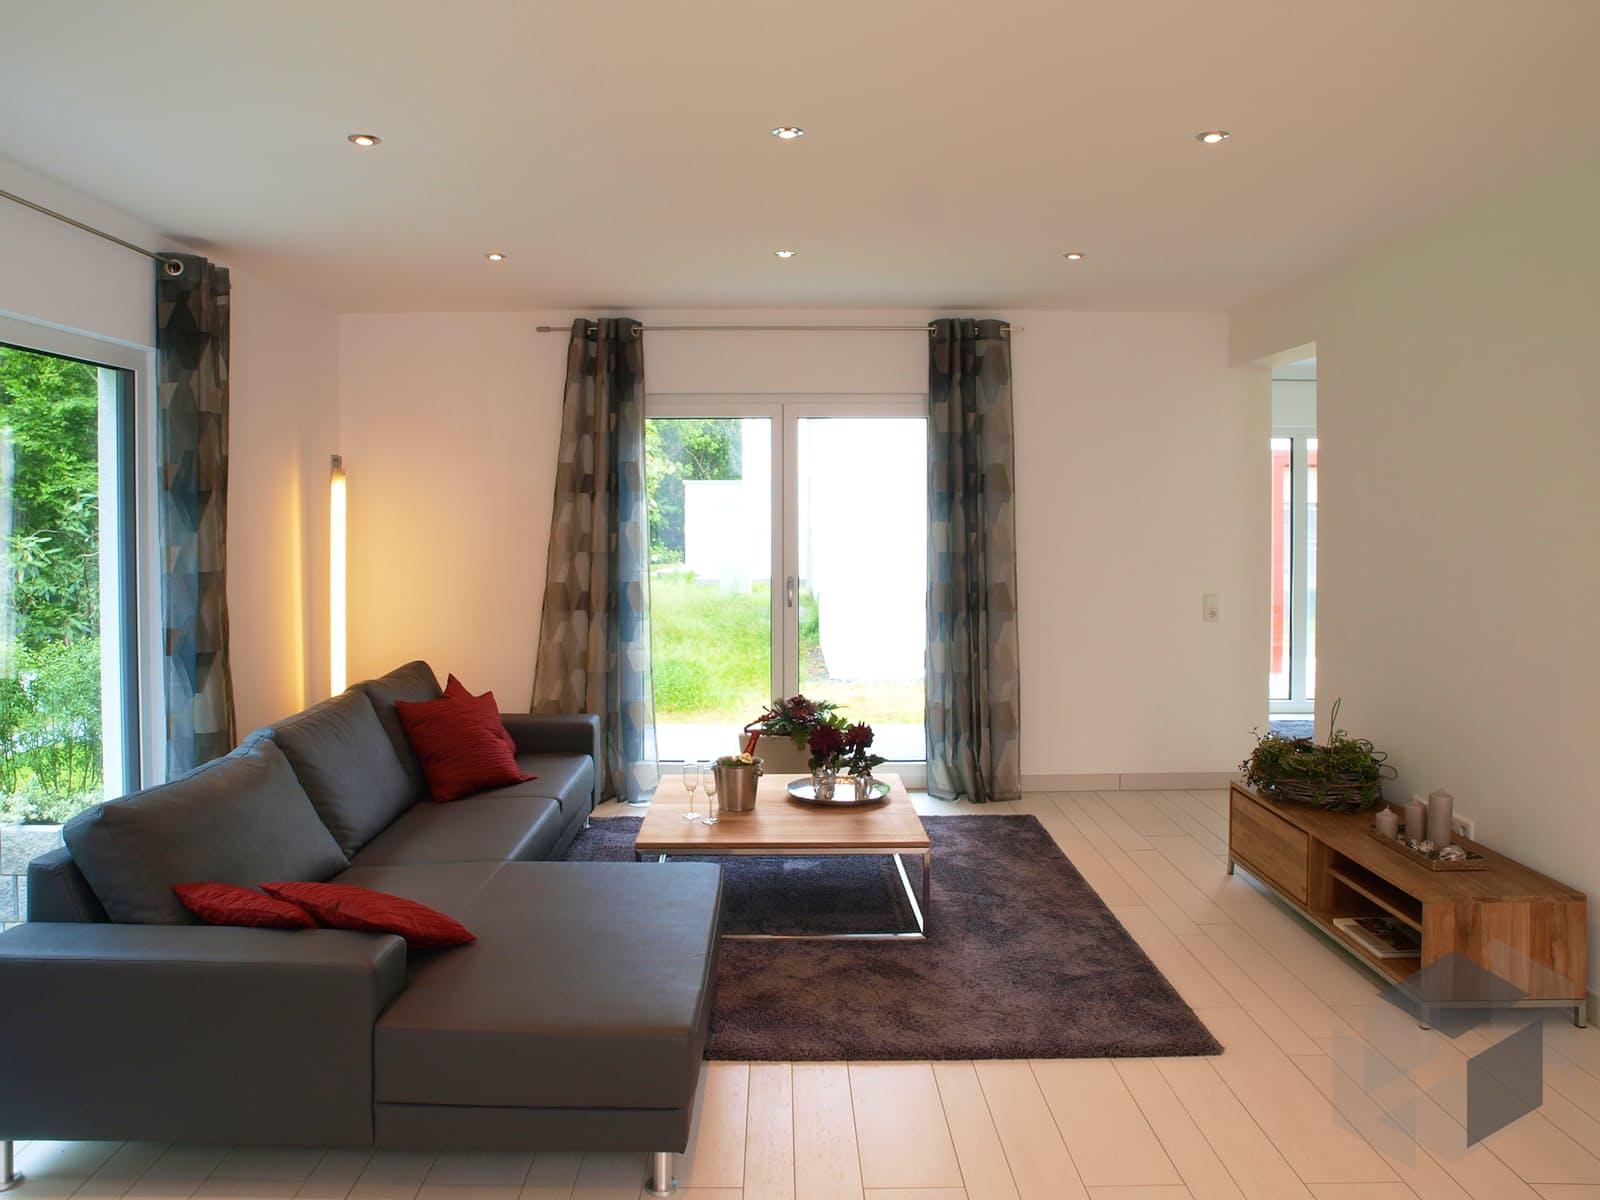 musterhaus bad vilbel out von schwabenhaus komplette daten bersicht. Black Bedroom Furniture Sets. Home Design Ideas